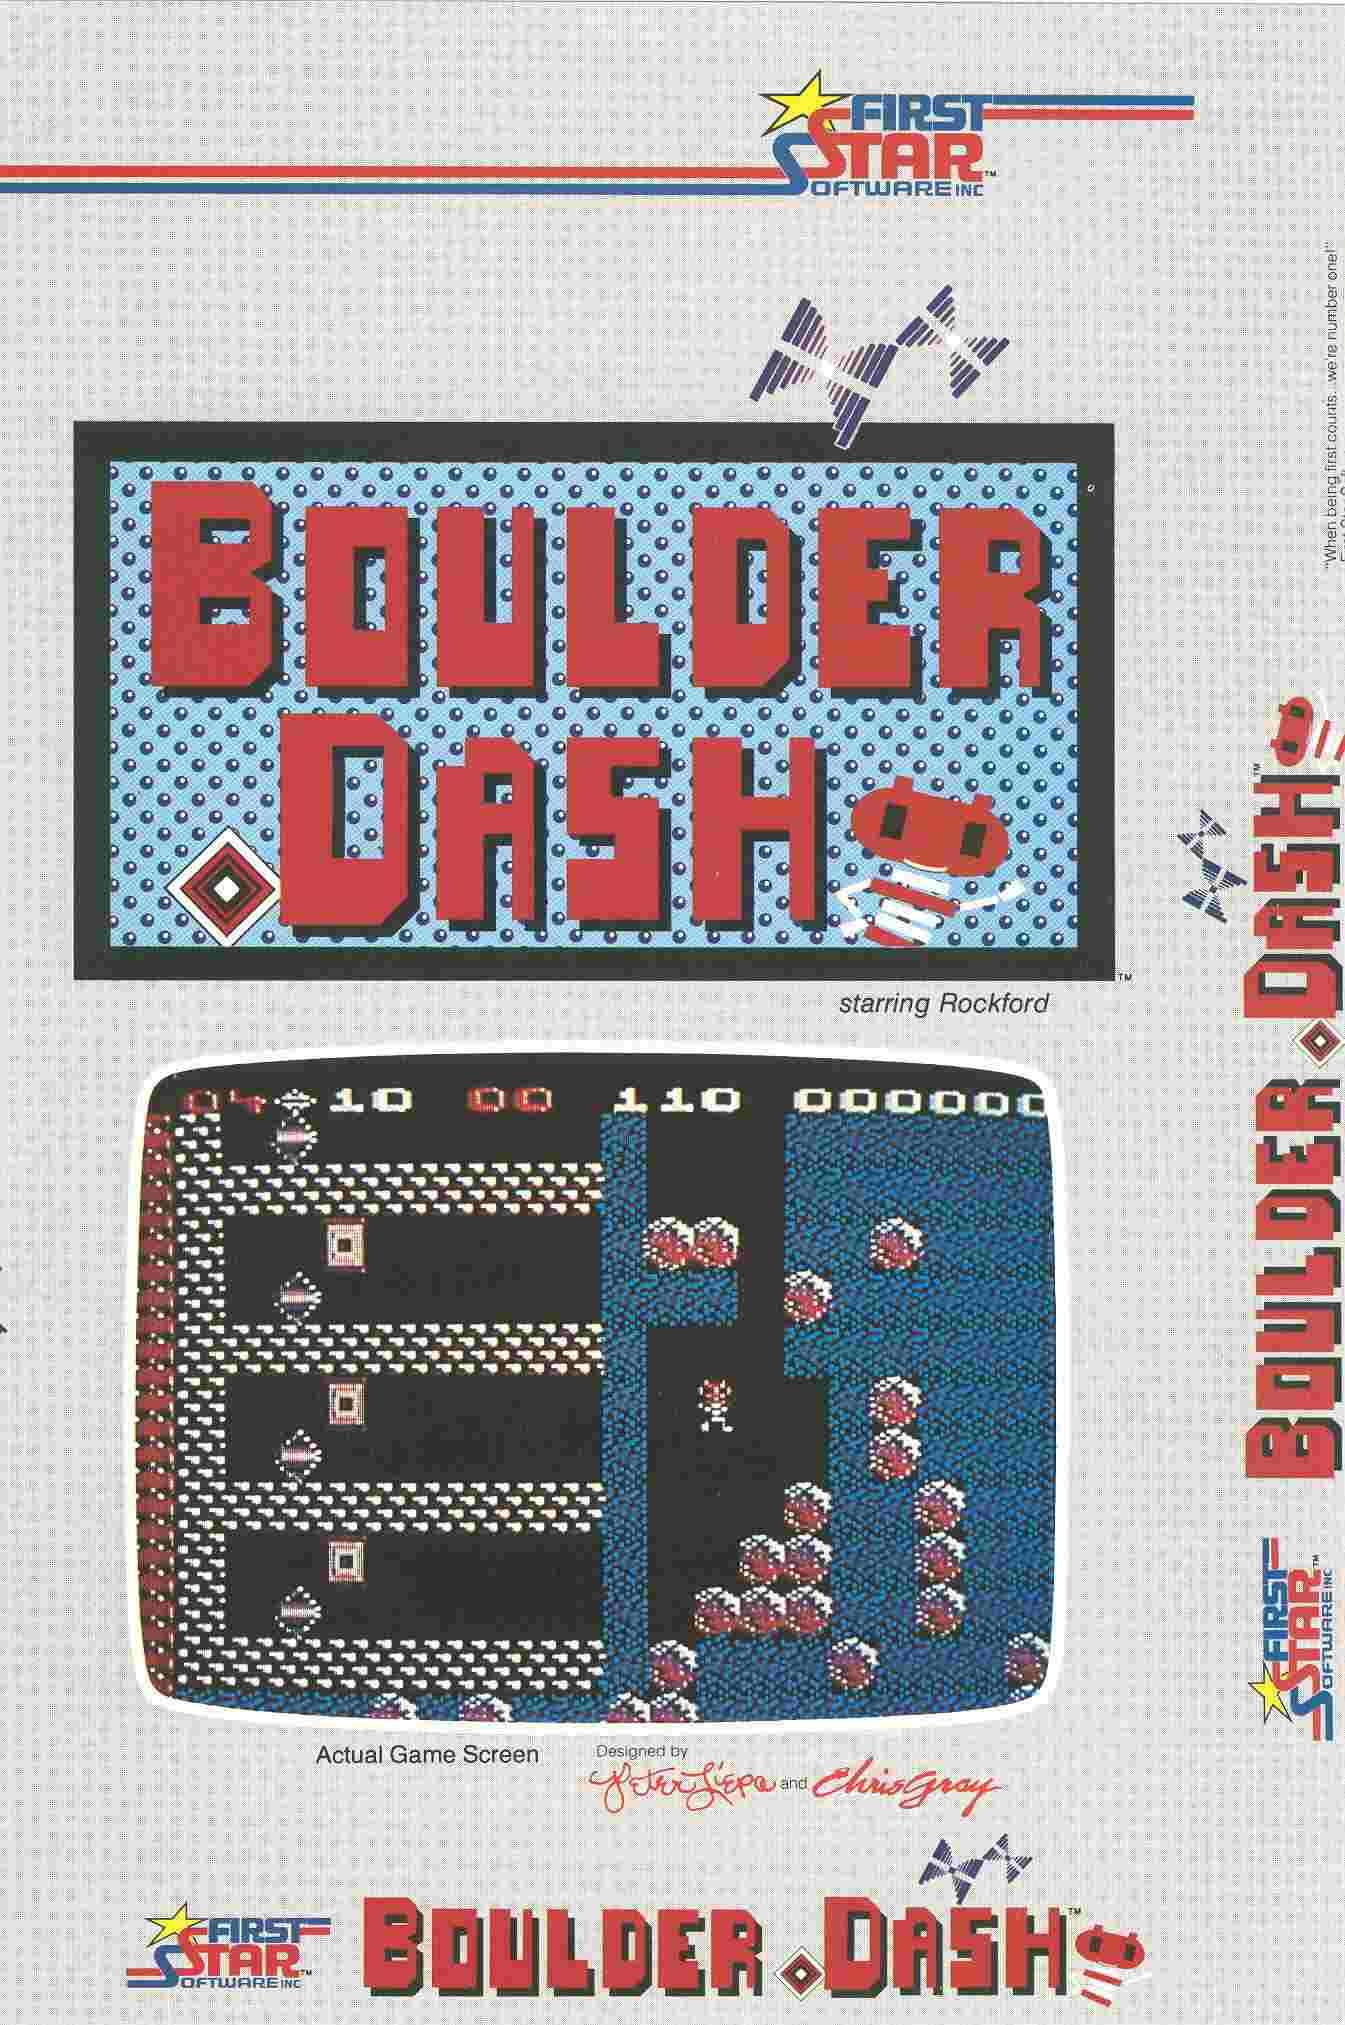 Boulder Dash (Atari 8-bit, Feb, 1984)